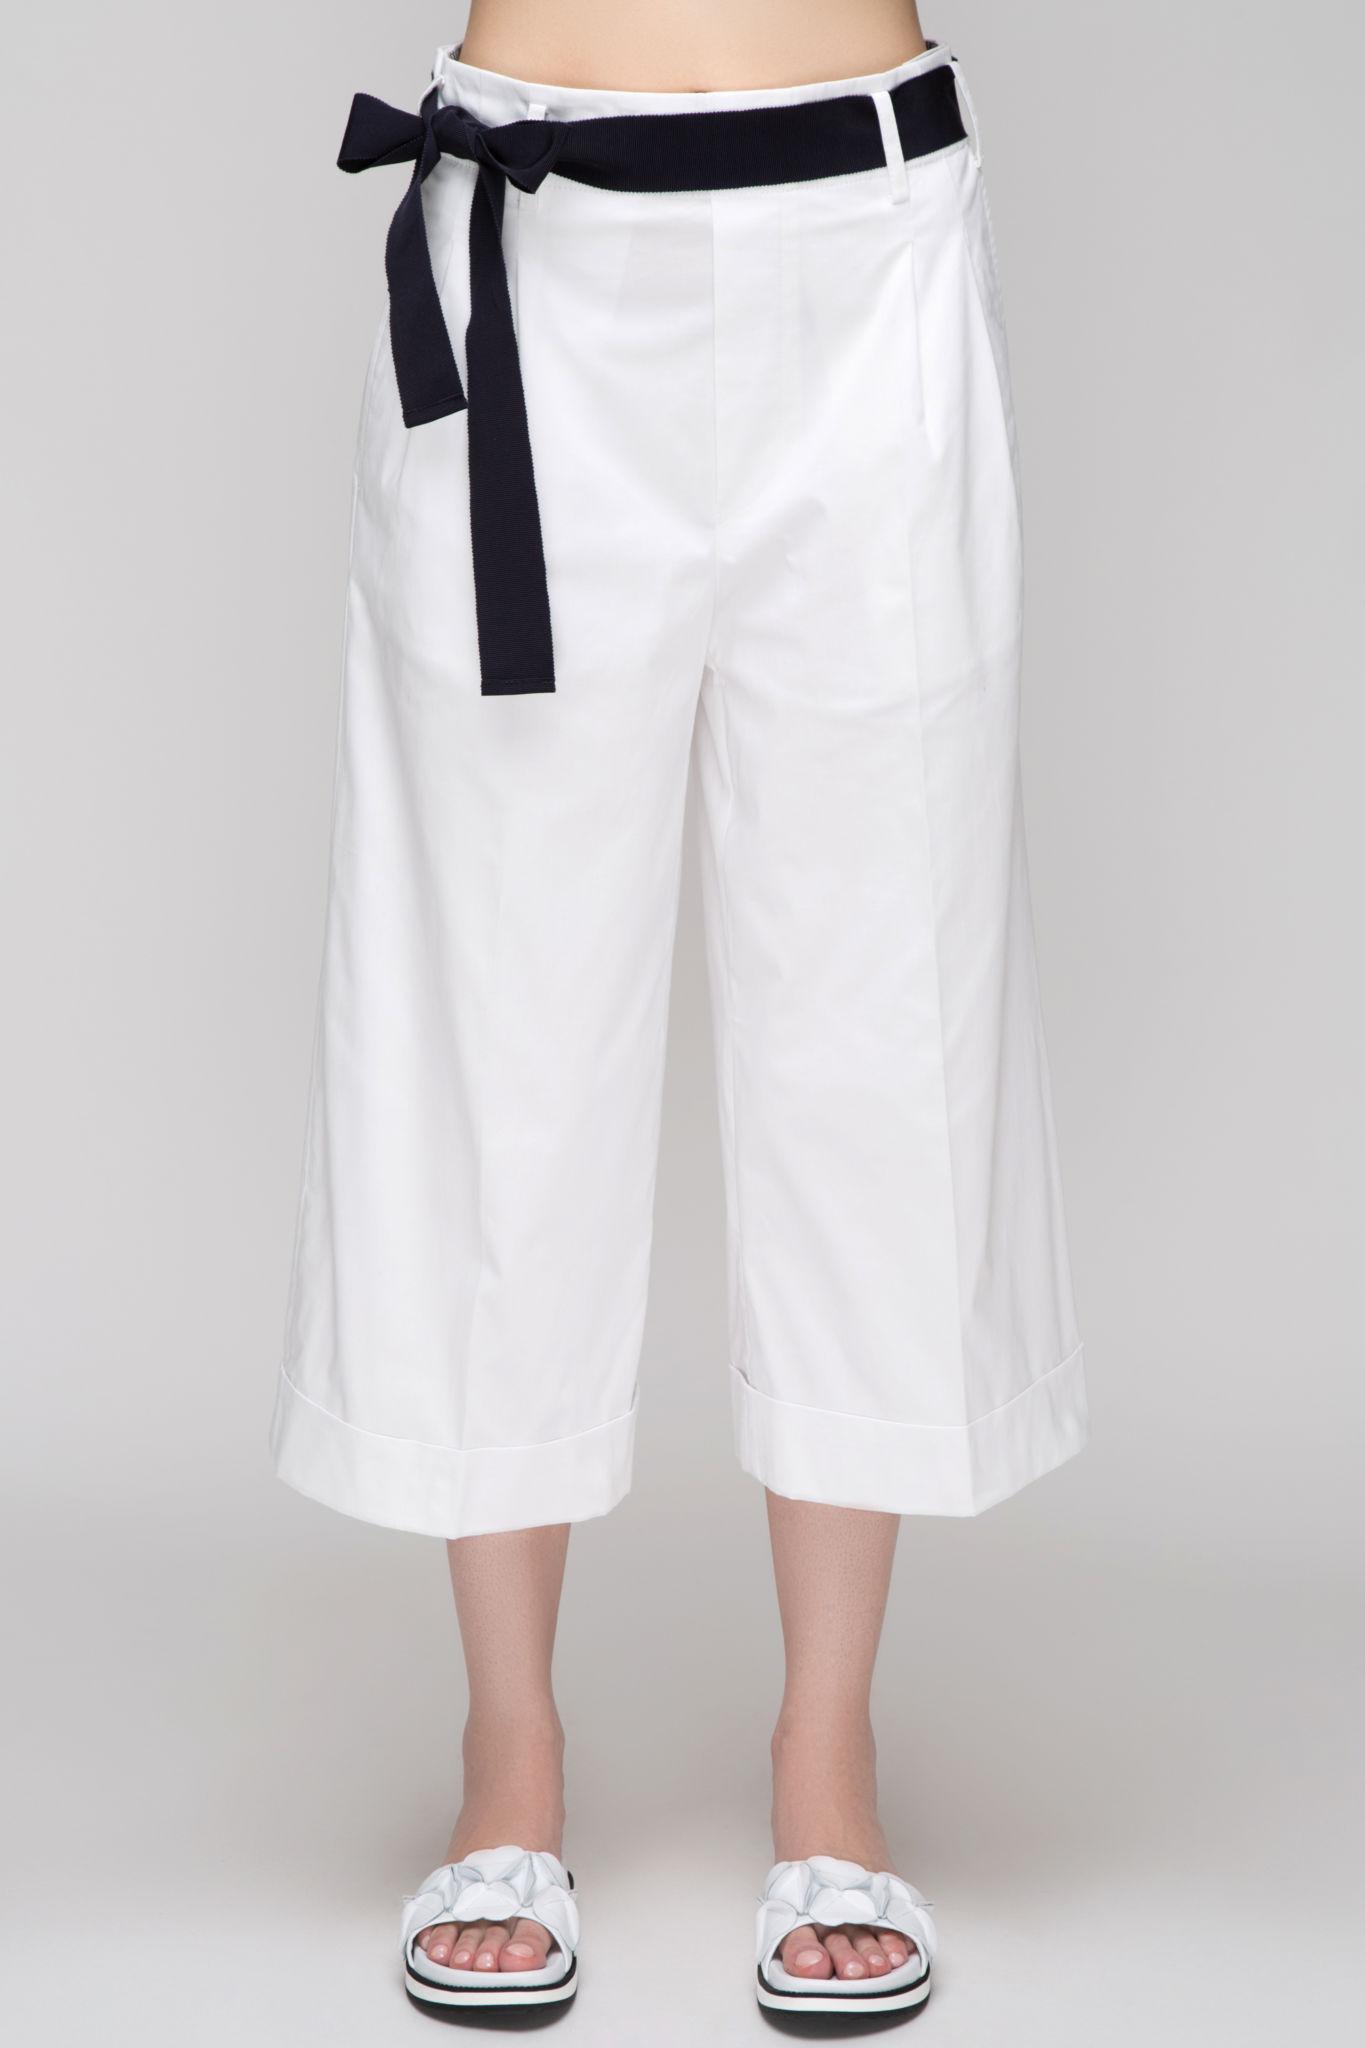 брюки весна лето 2019 года модные: бермуды белые с черным поясом